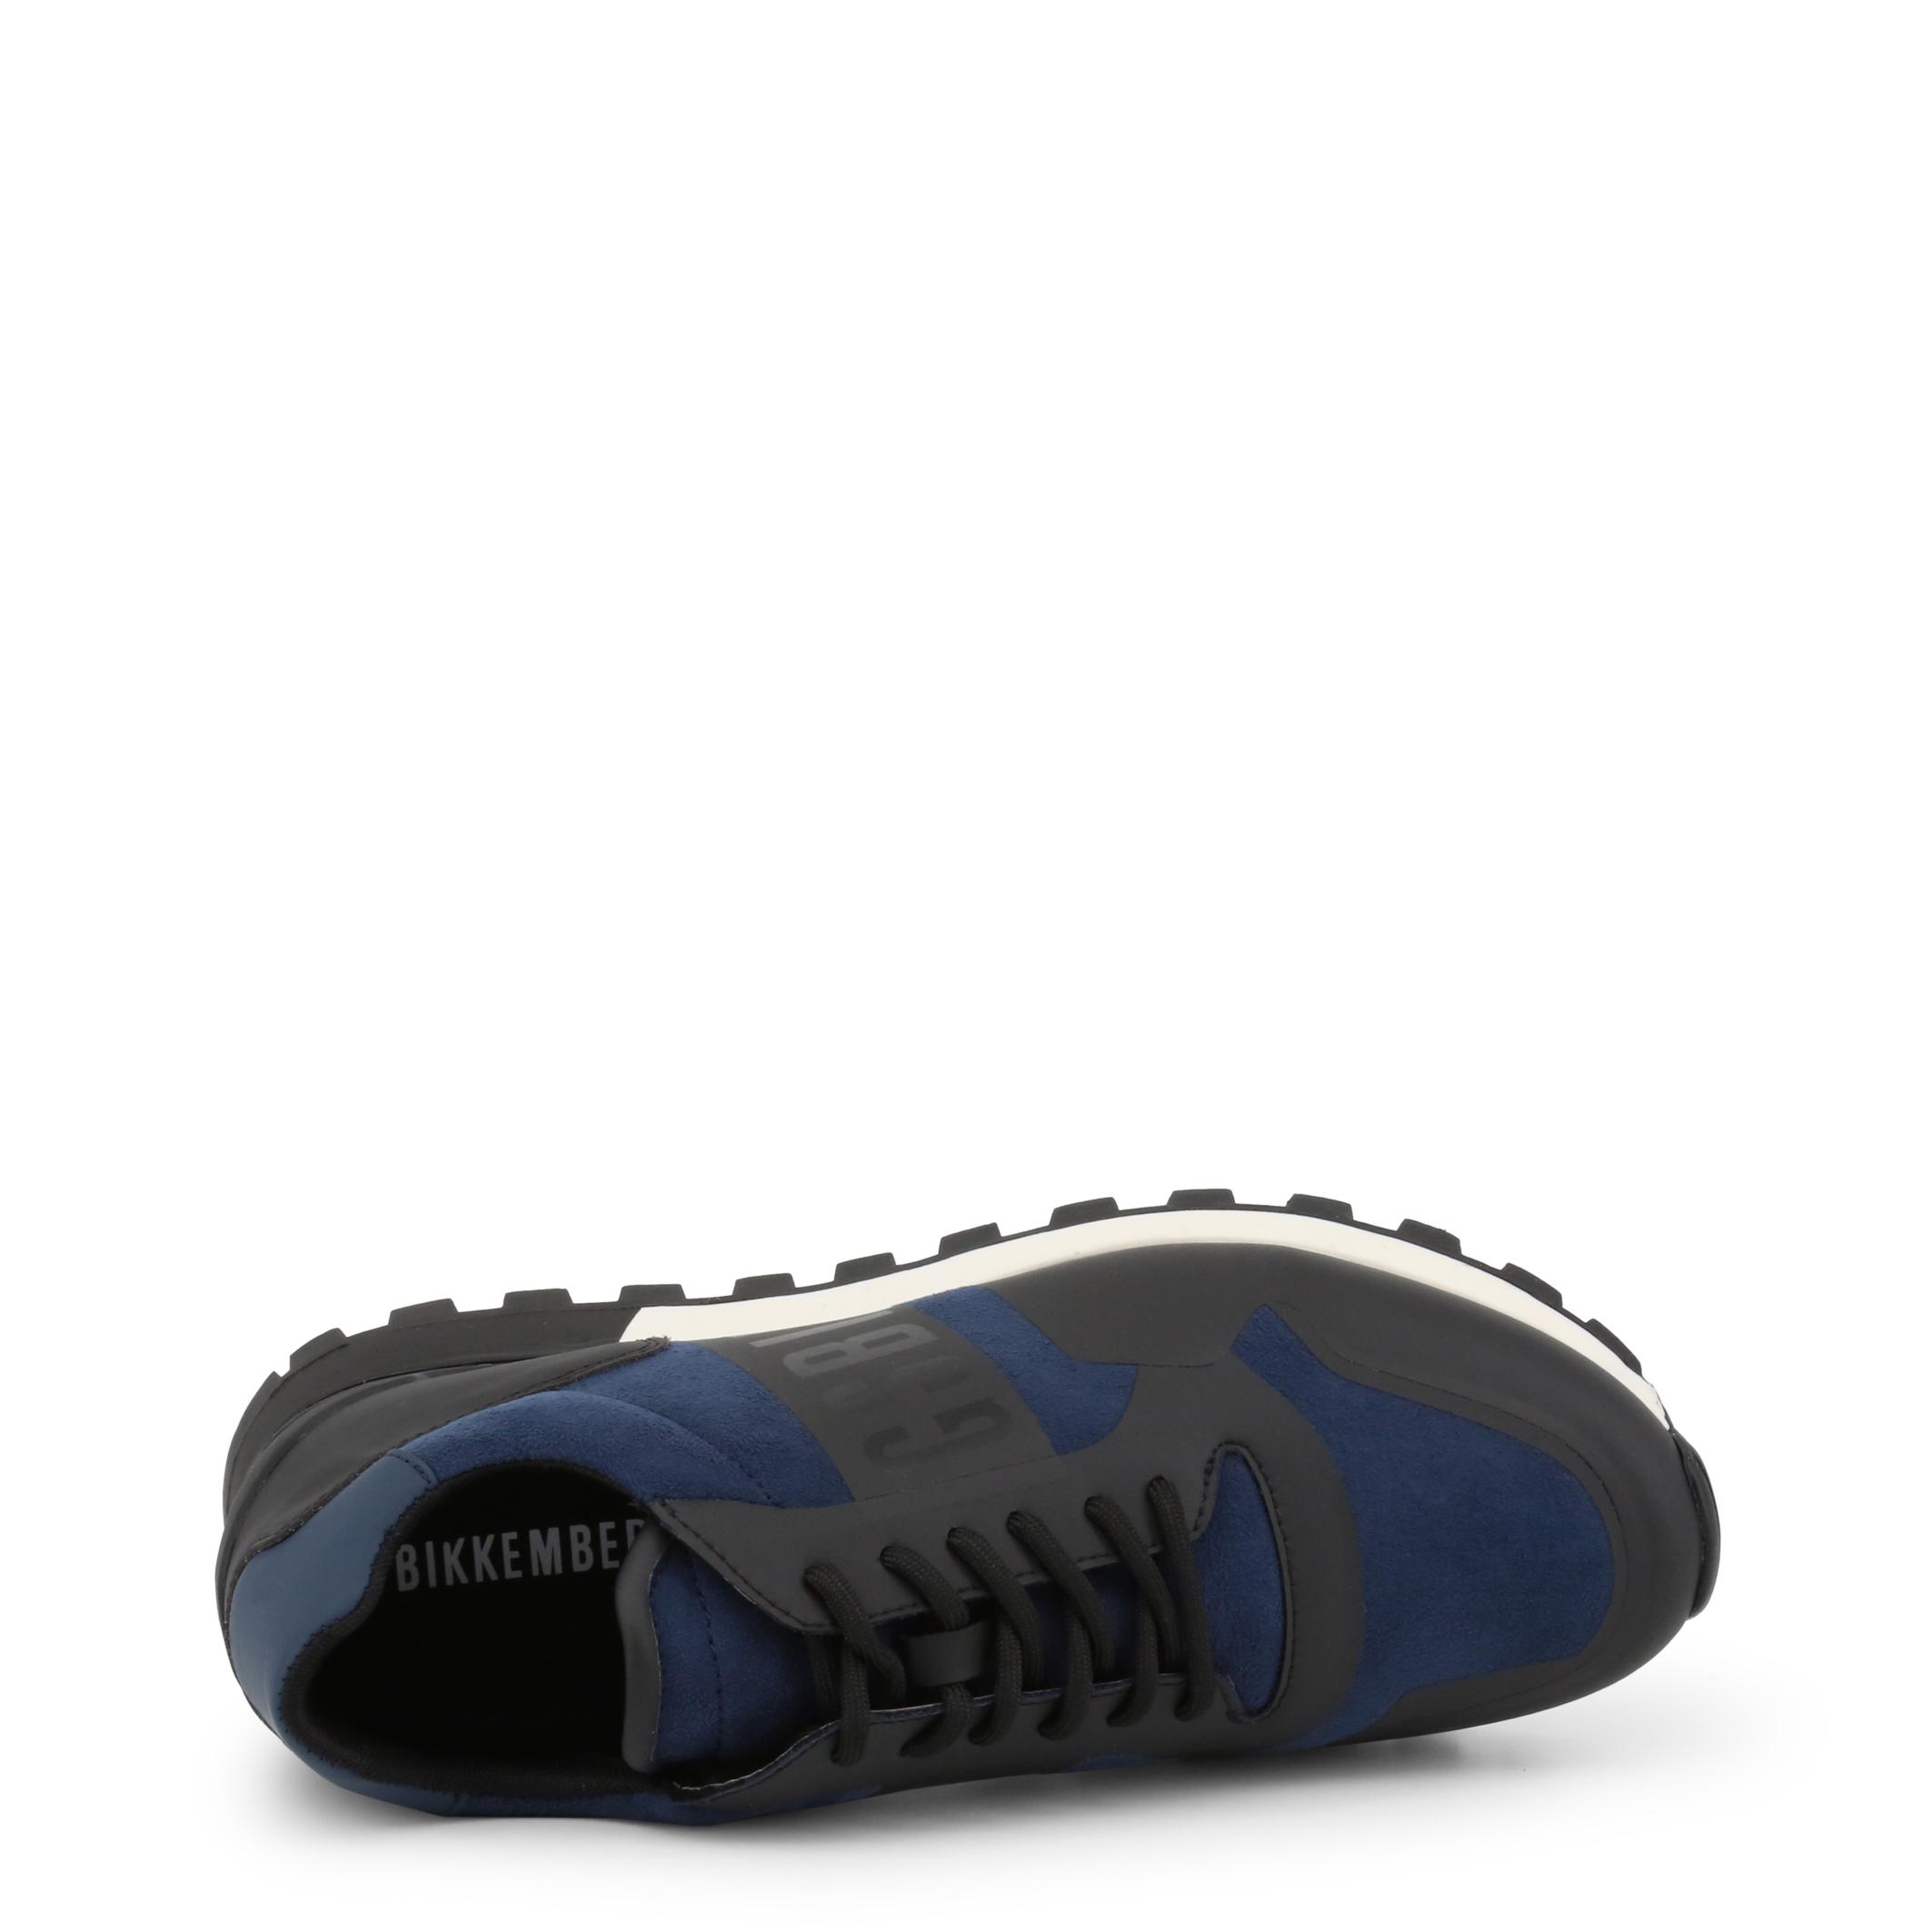 Baskets / Sport  Bikkembergs FEND-ER_1944 blue